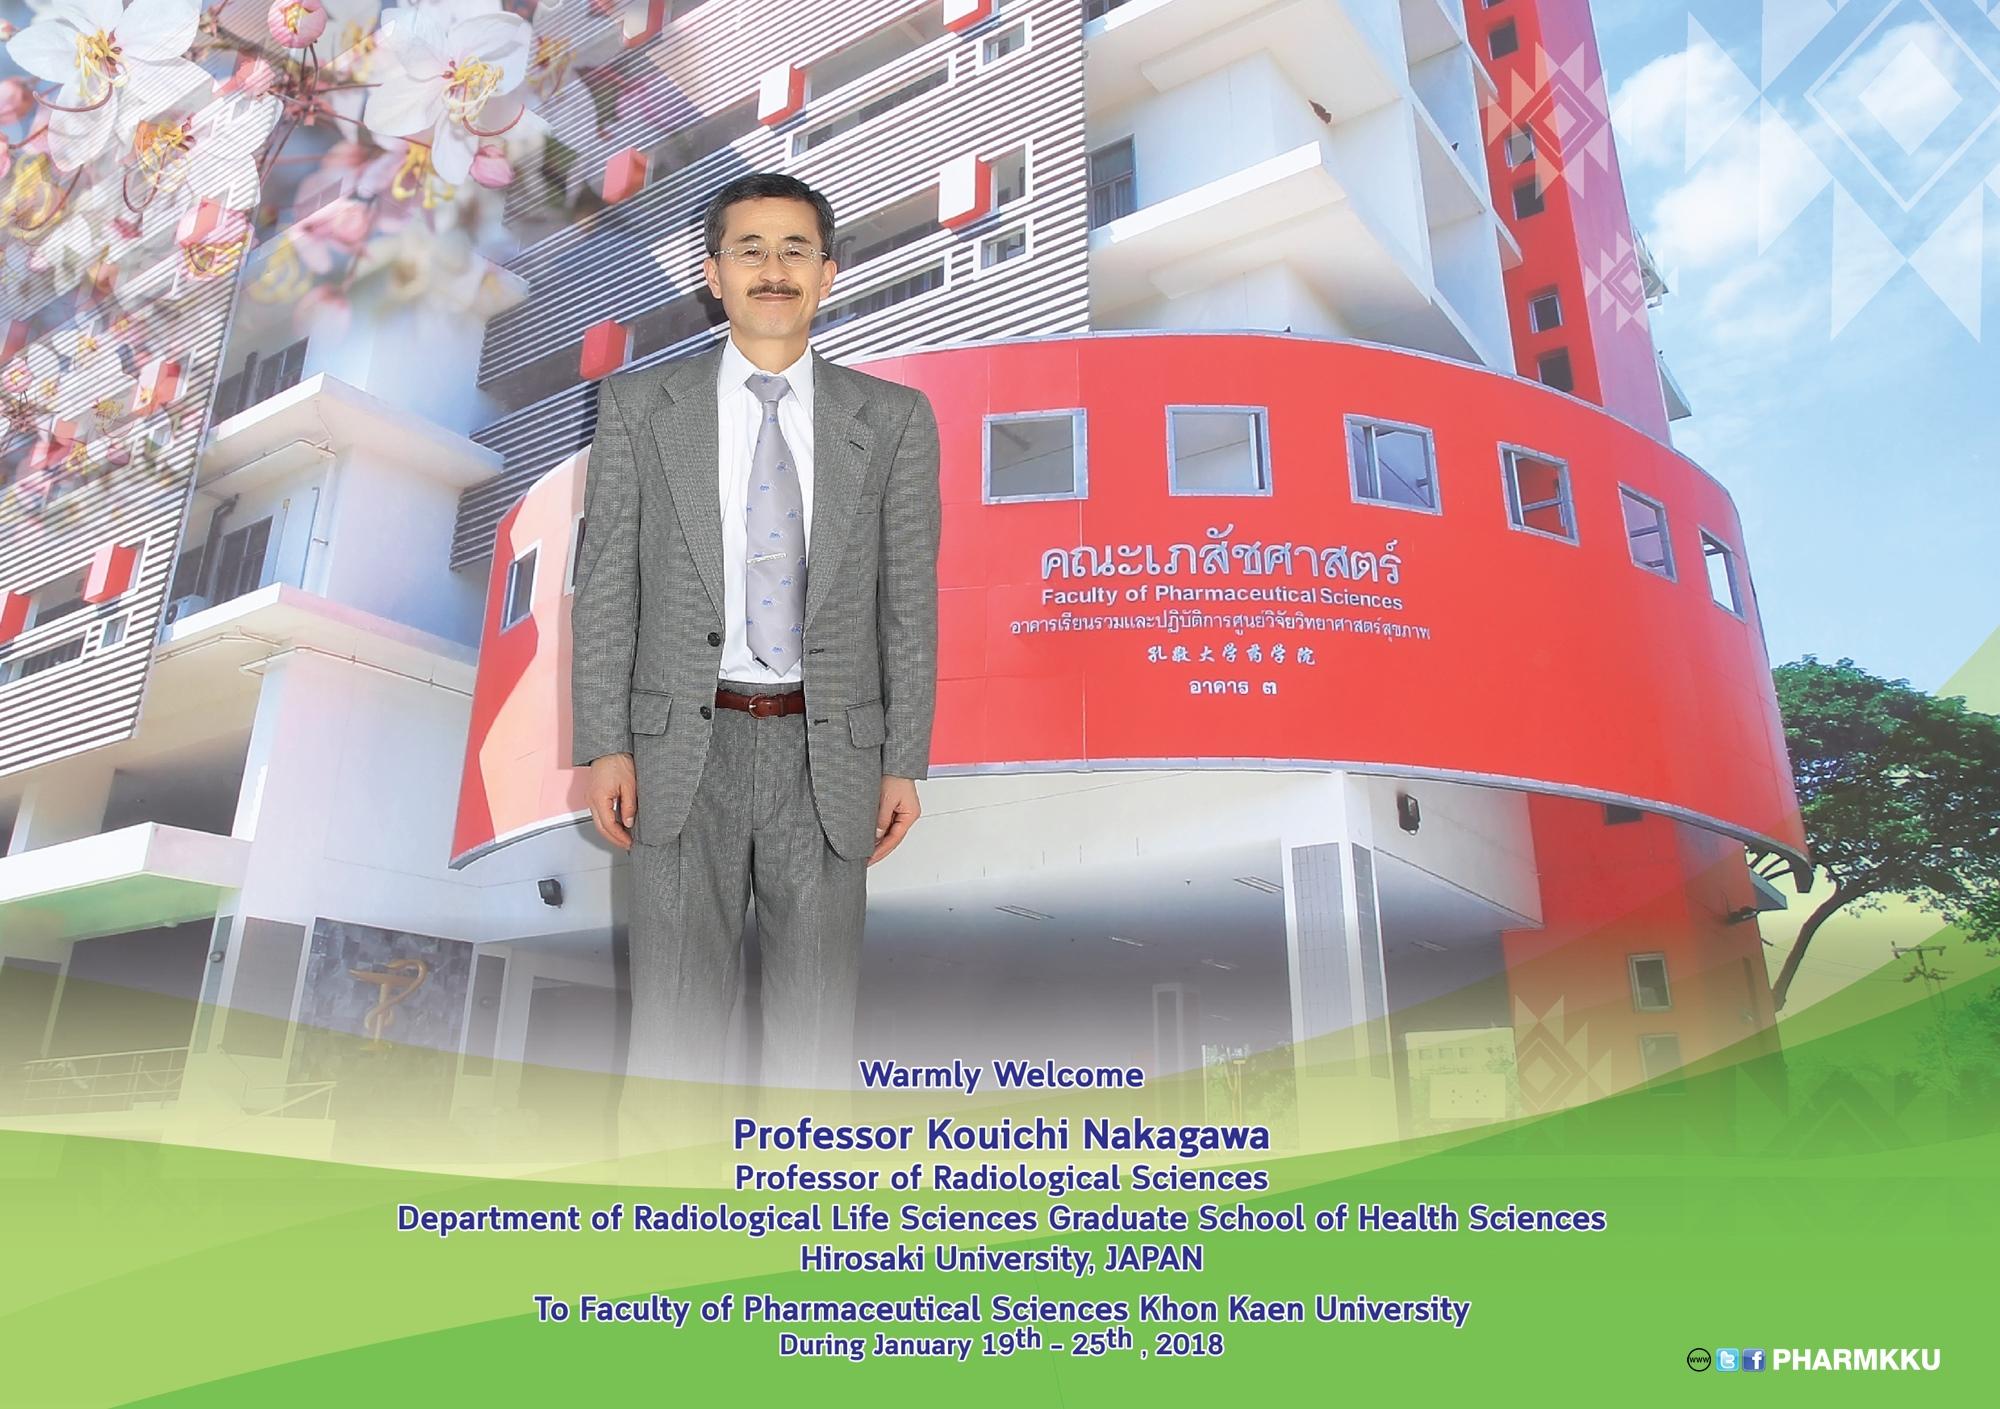 คณบดีคณะเภสัชศาสตร์ พร้อมด้วยผู้บริหารให้การต้อนรับอาคันตุกะจาก Hirosaki University  ประเทศญี่ปุ่นในโอกาสมาเยือนคณะเภสัชศาสตร์